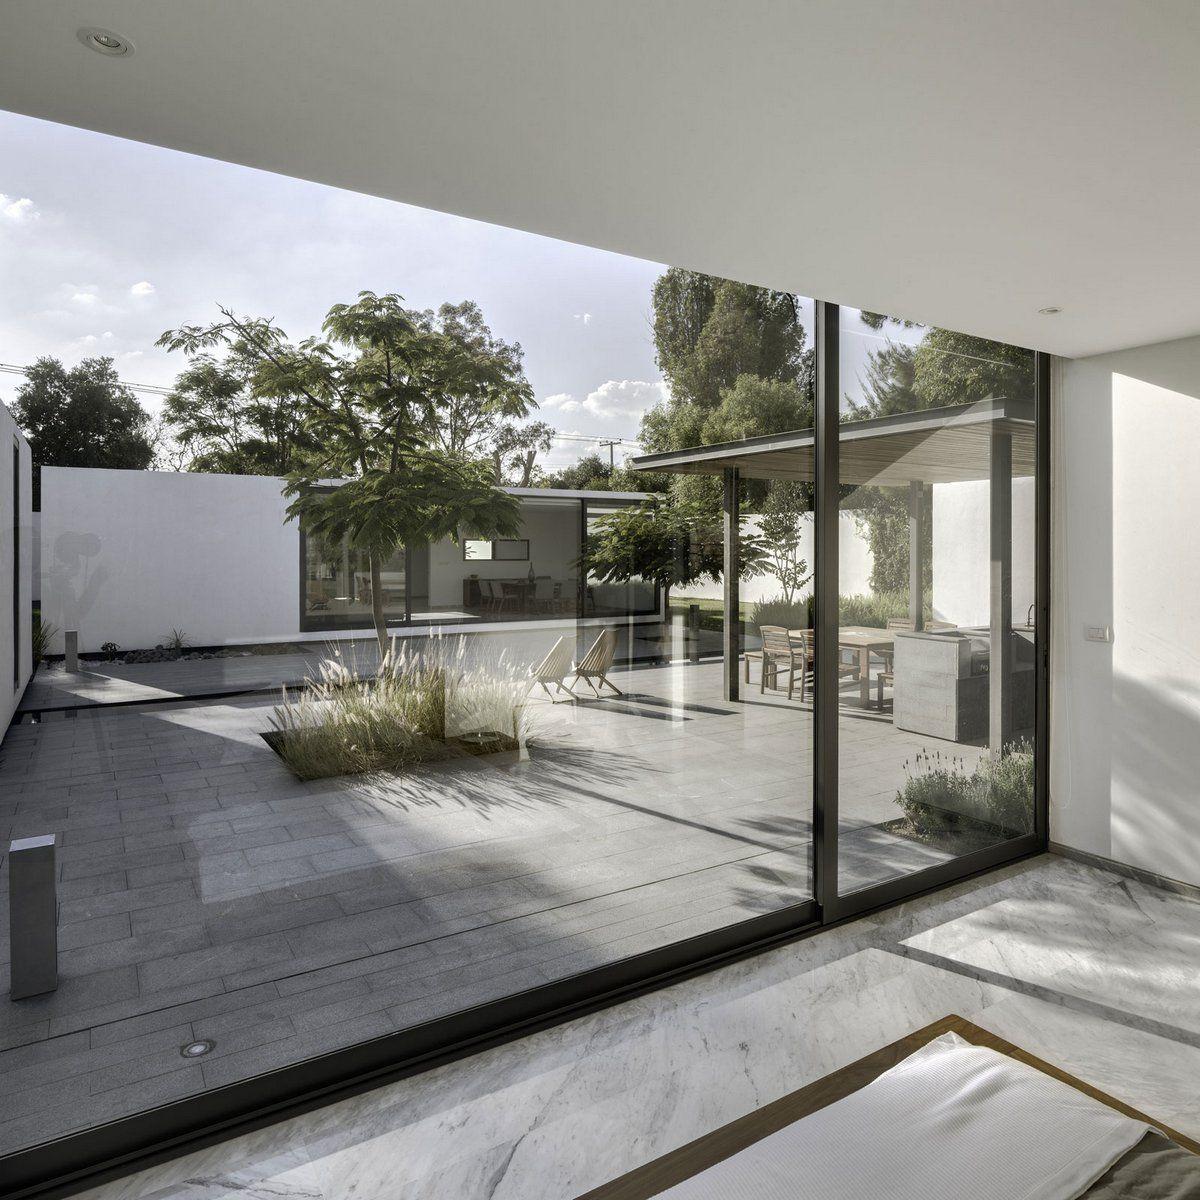 Модульный дом в Мексике | Архитектура в стиле минимализм ...